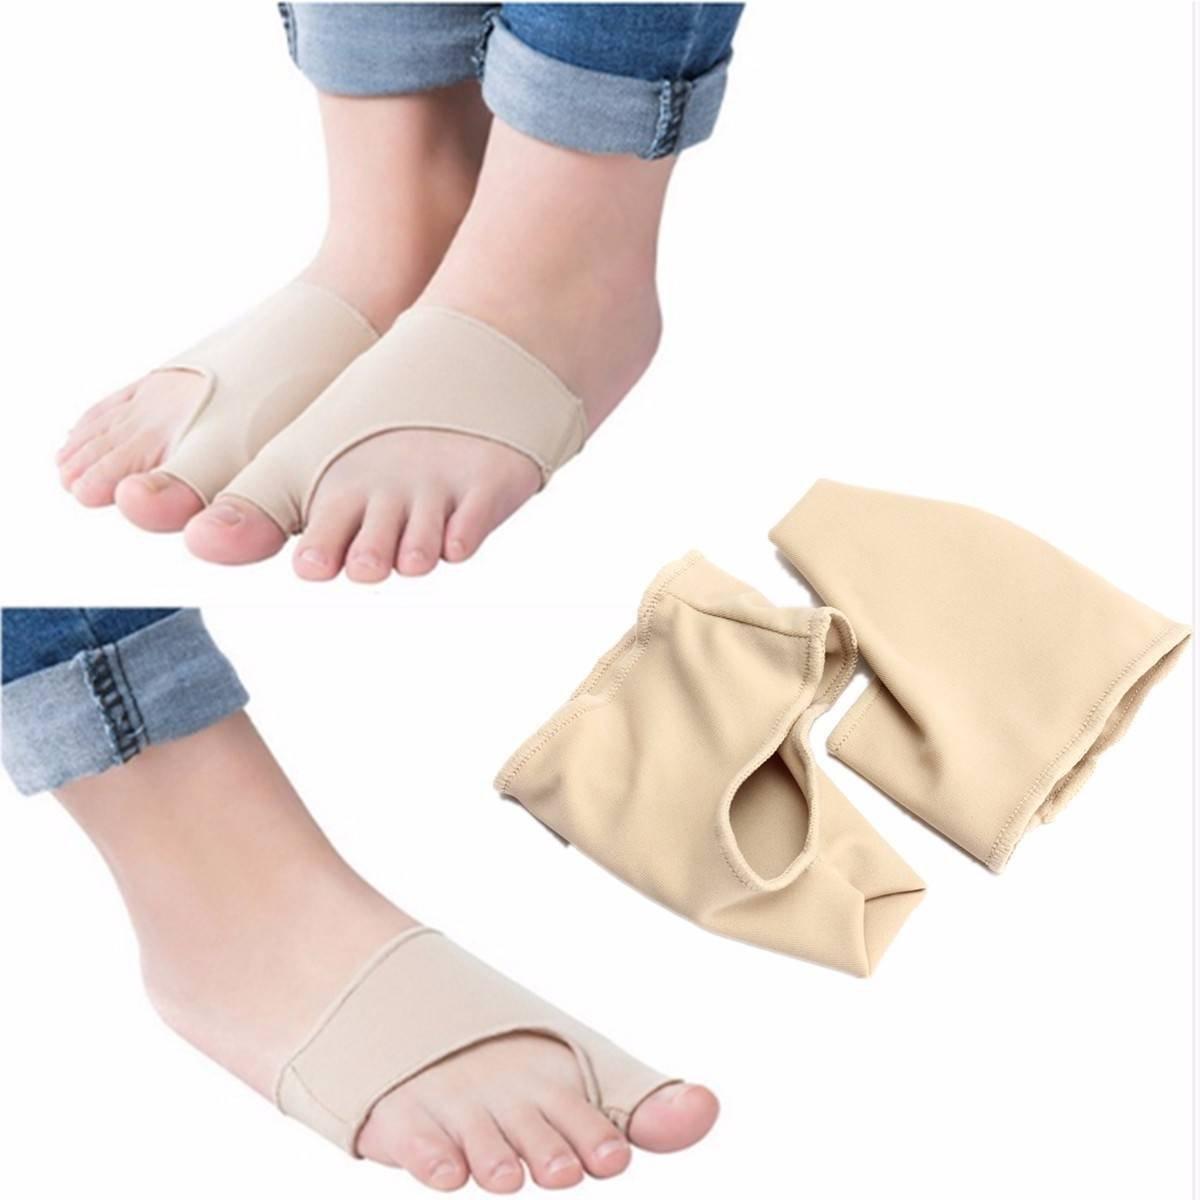 Protector y reductor del roce para juanetes con almohadilla de gel silicona de 5 mm: Amazon.es: Salud y cuidado personal